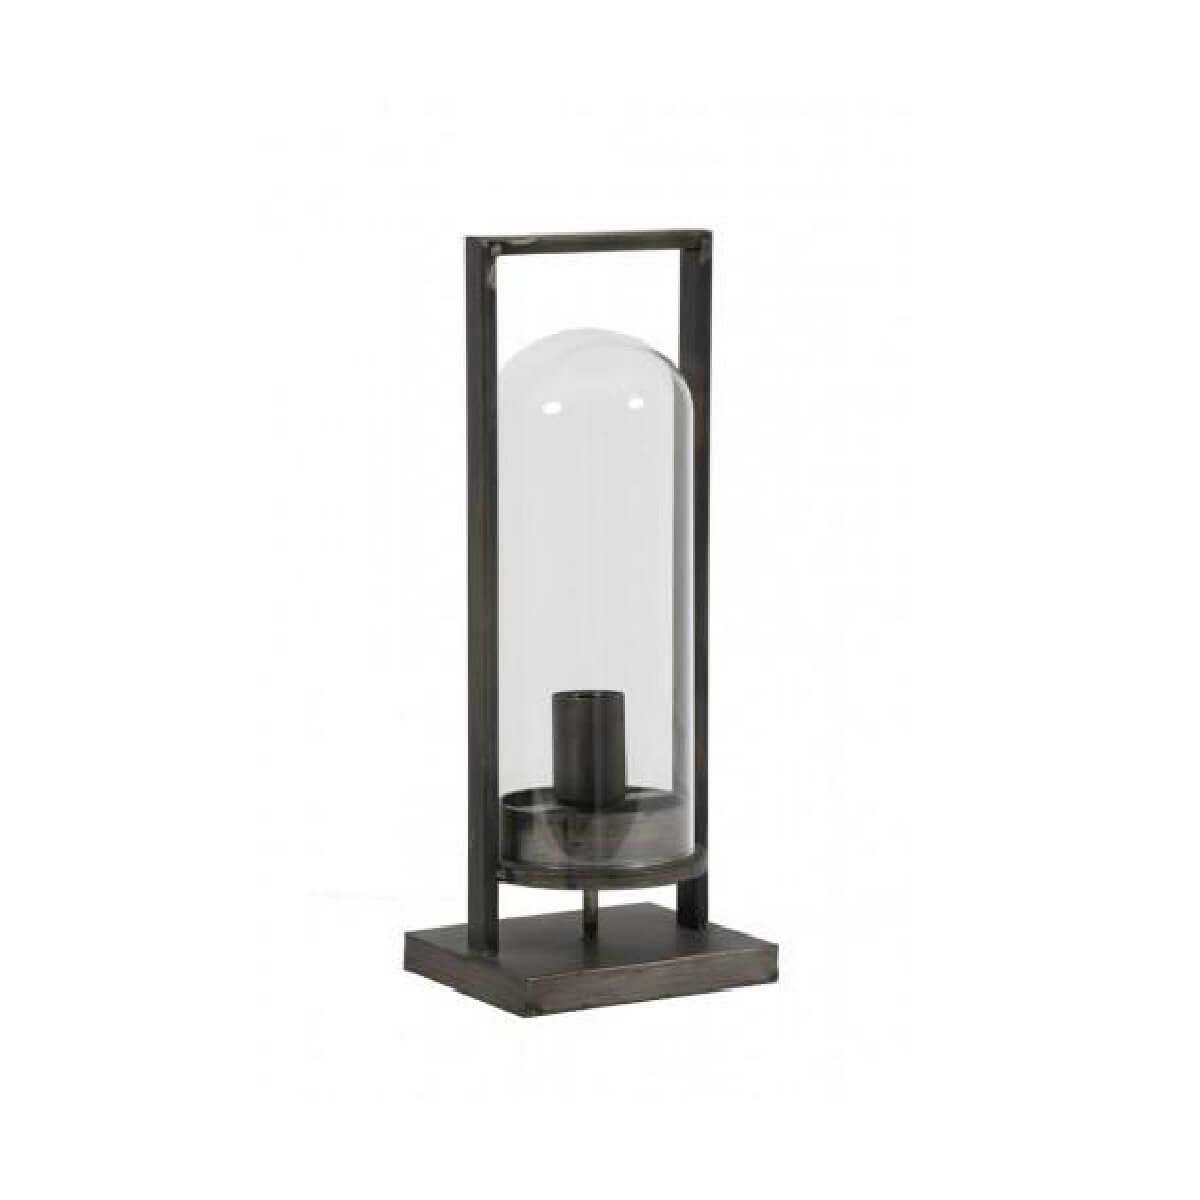 antique_lamp_cozy_home_dubai_uae